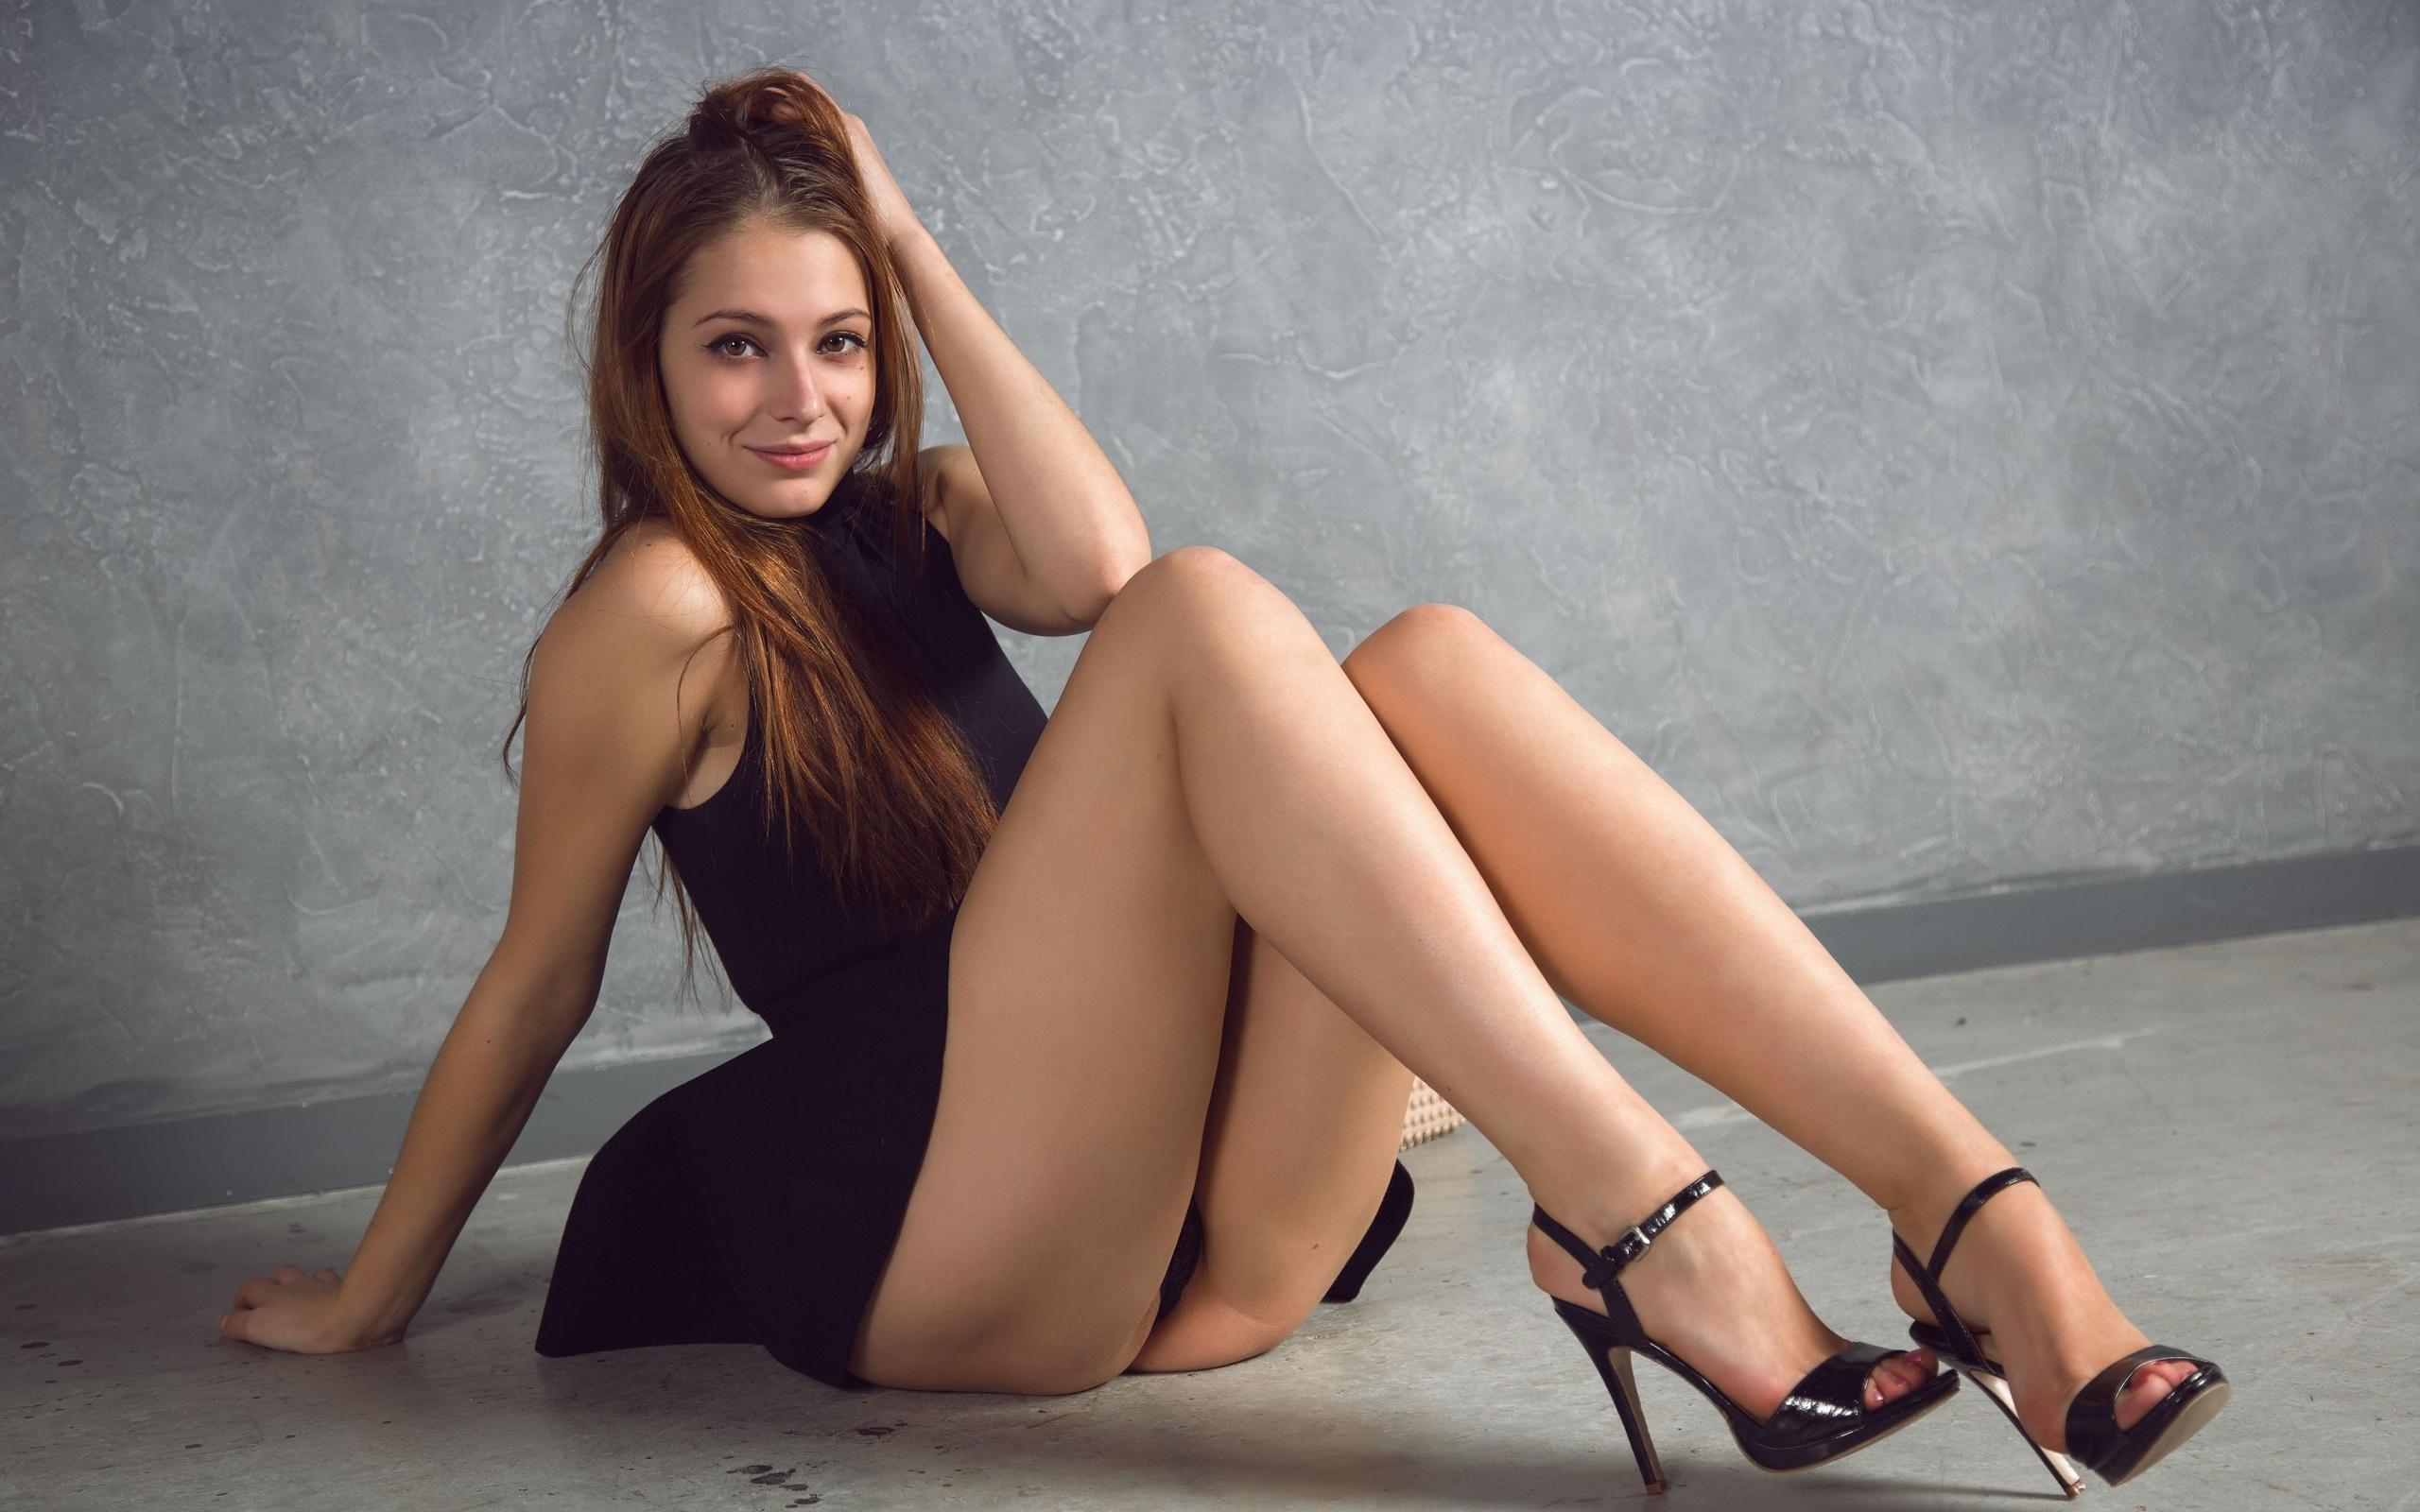 Красивые женщины демонстрируют свои ножки — pic 12